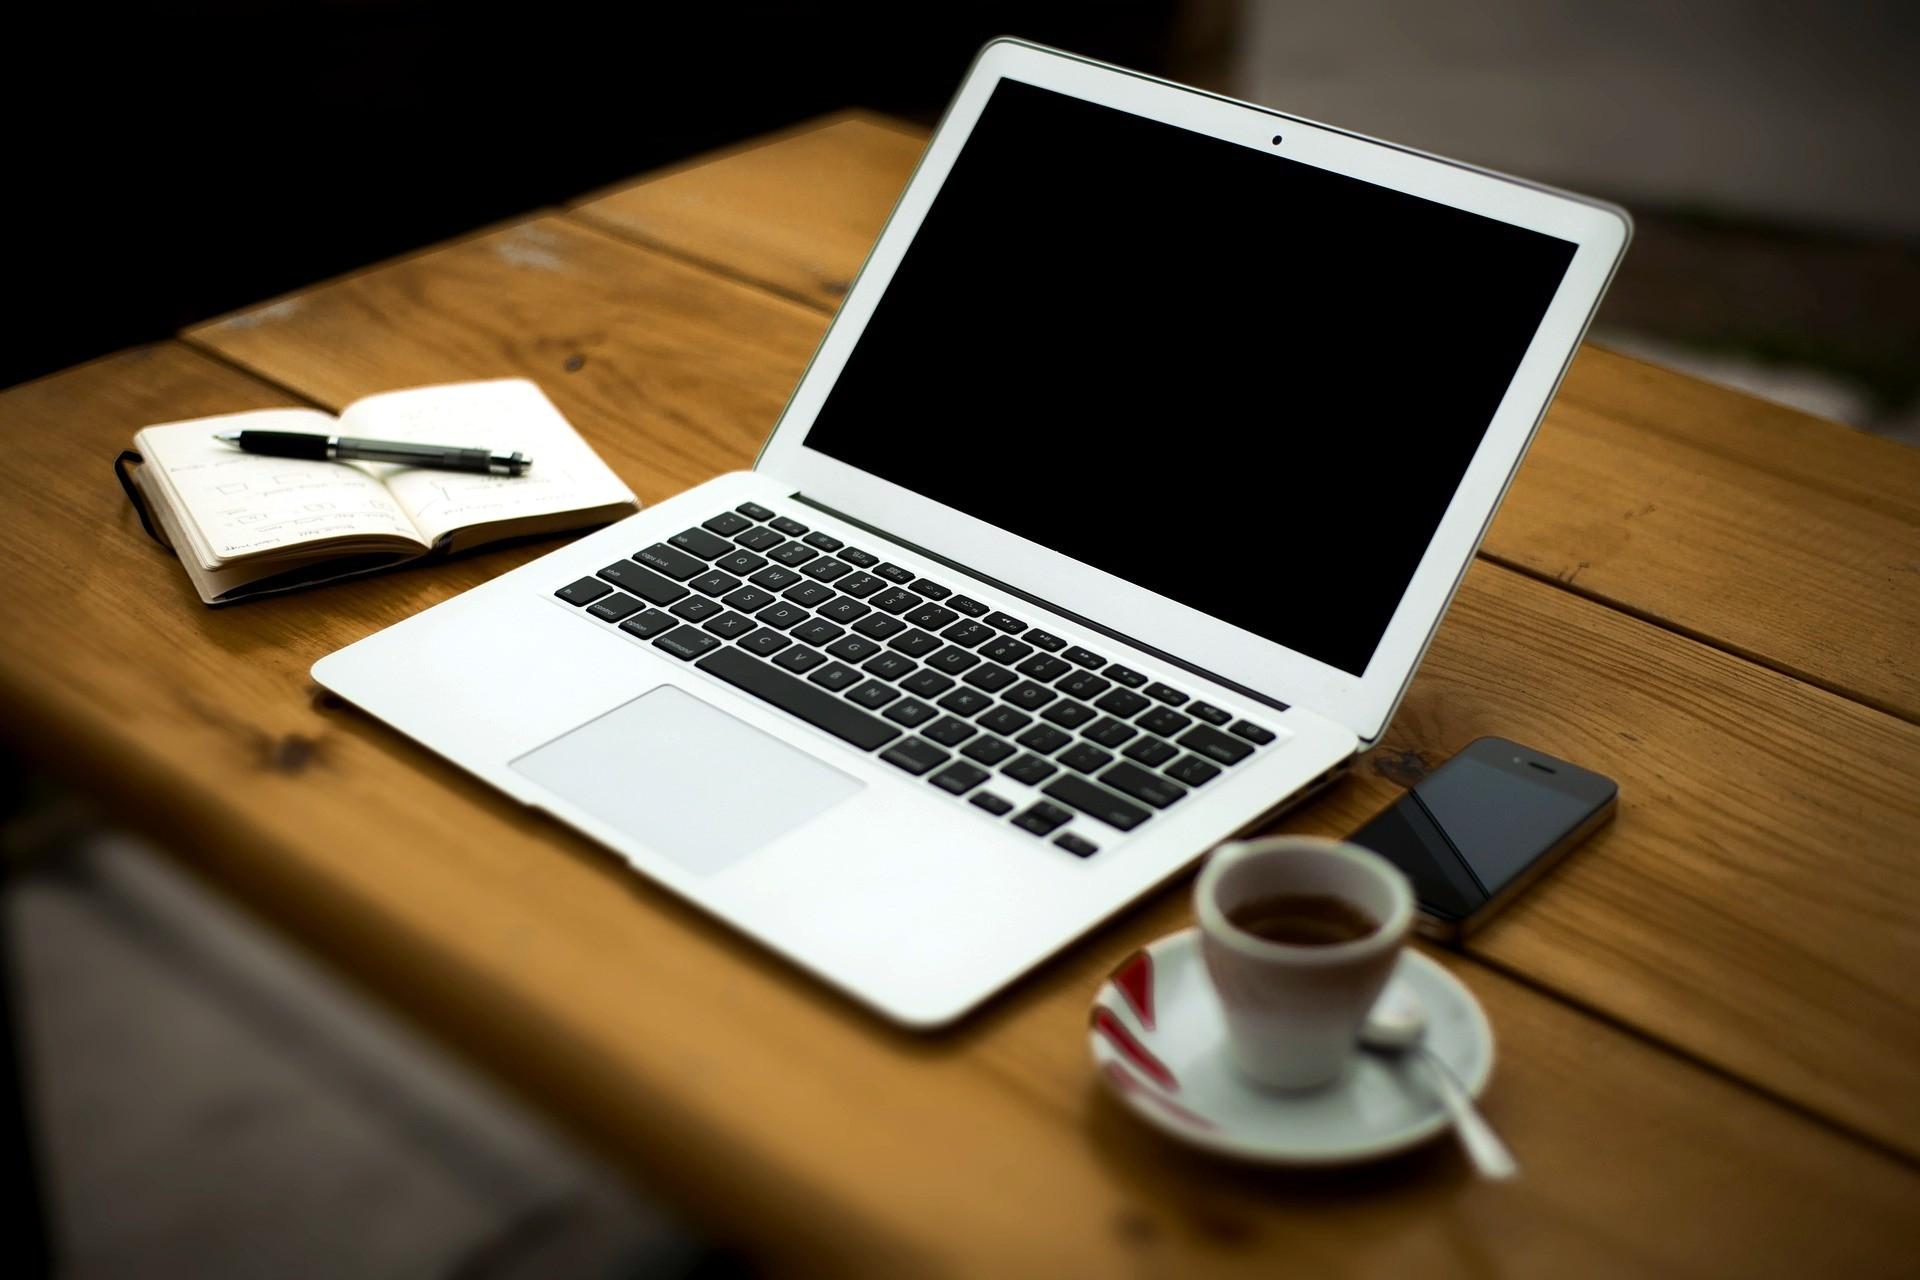 Eladó számítógépek otthonra, munkára